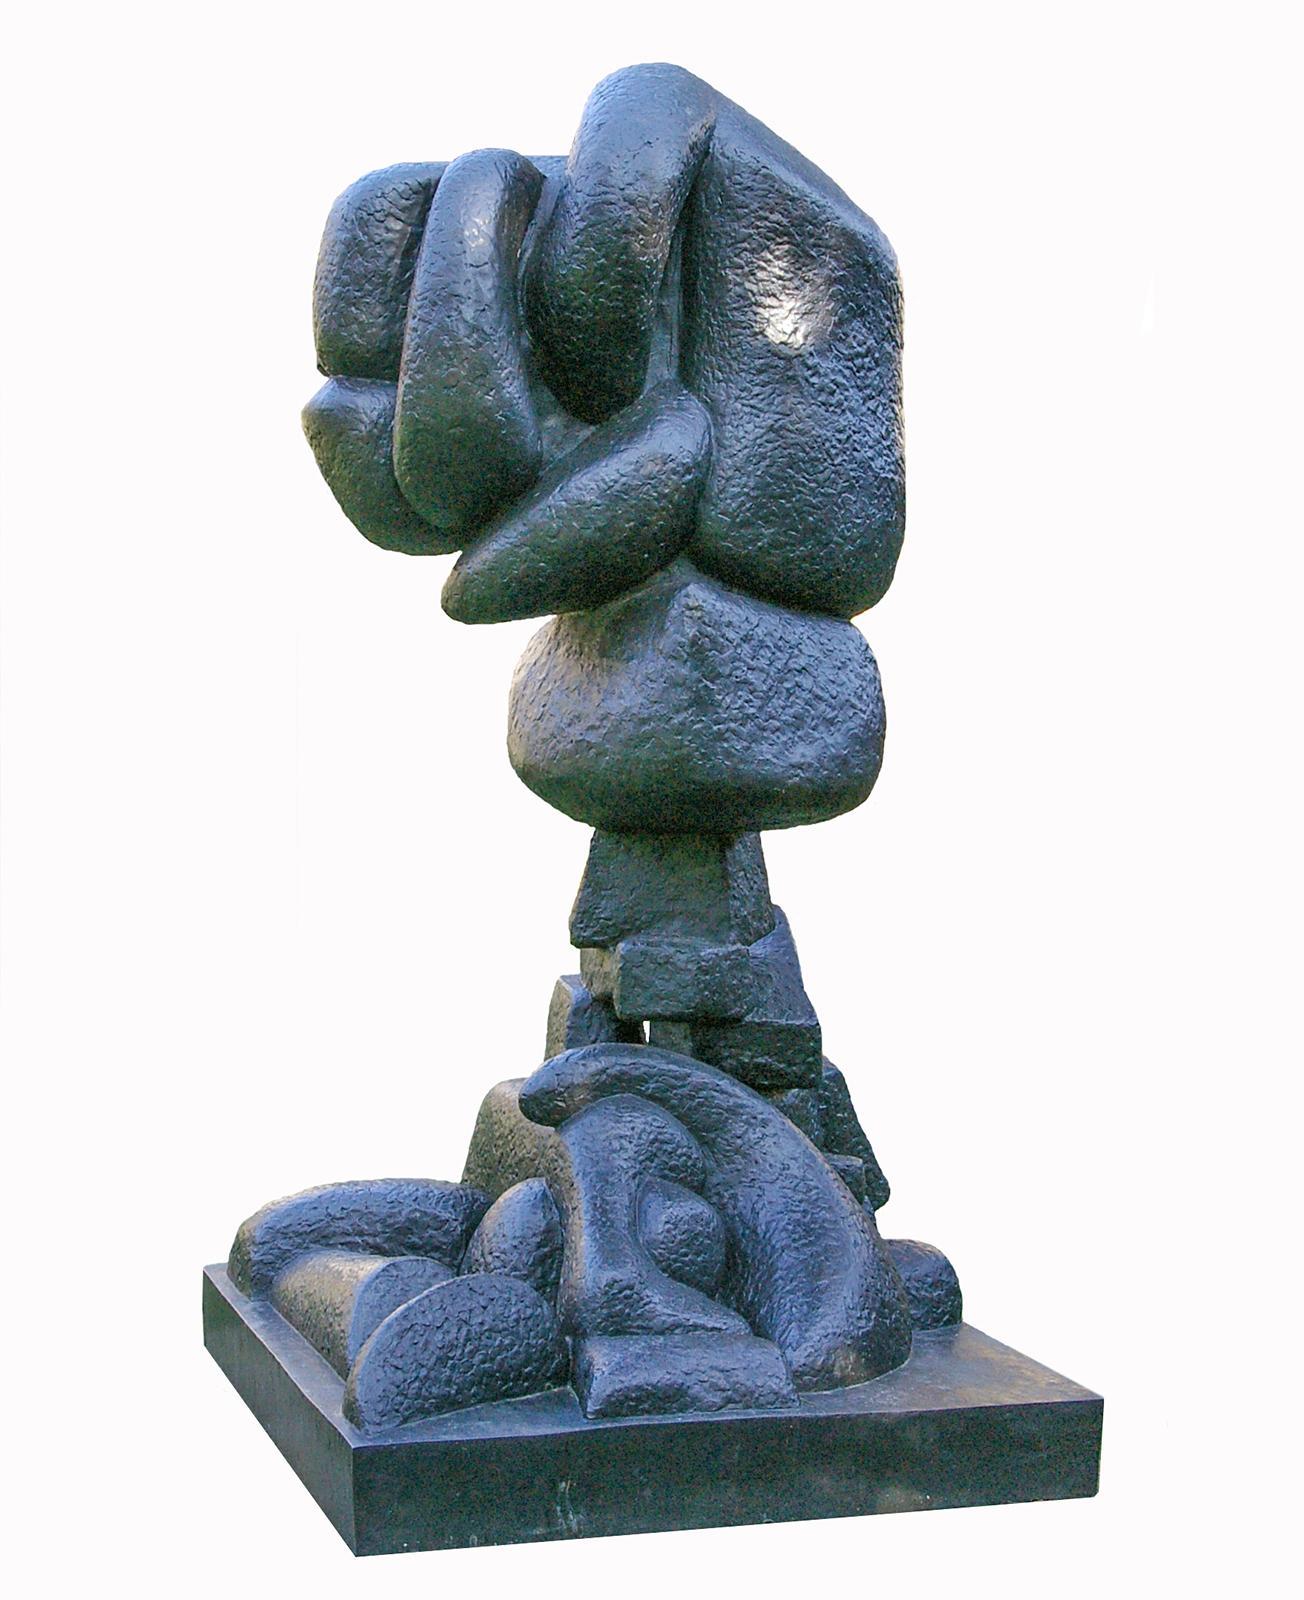 Otto Freundlich: Ascension, 1929 Bronze, 1929, 200 x 104 x 104 cm Musée de Pontoise, Donation Freundlich © Musée de Pontoise